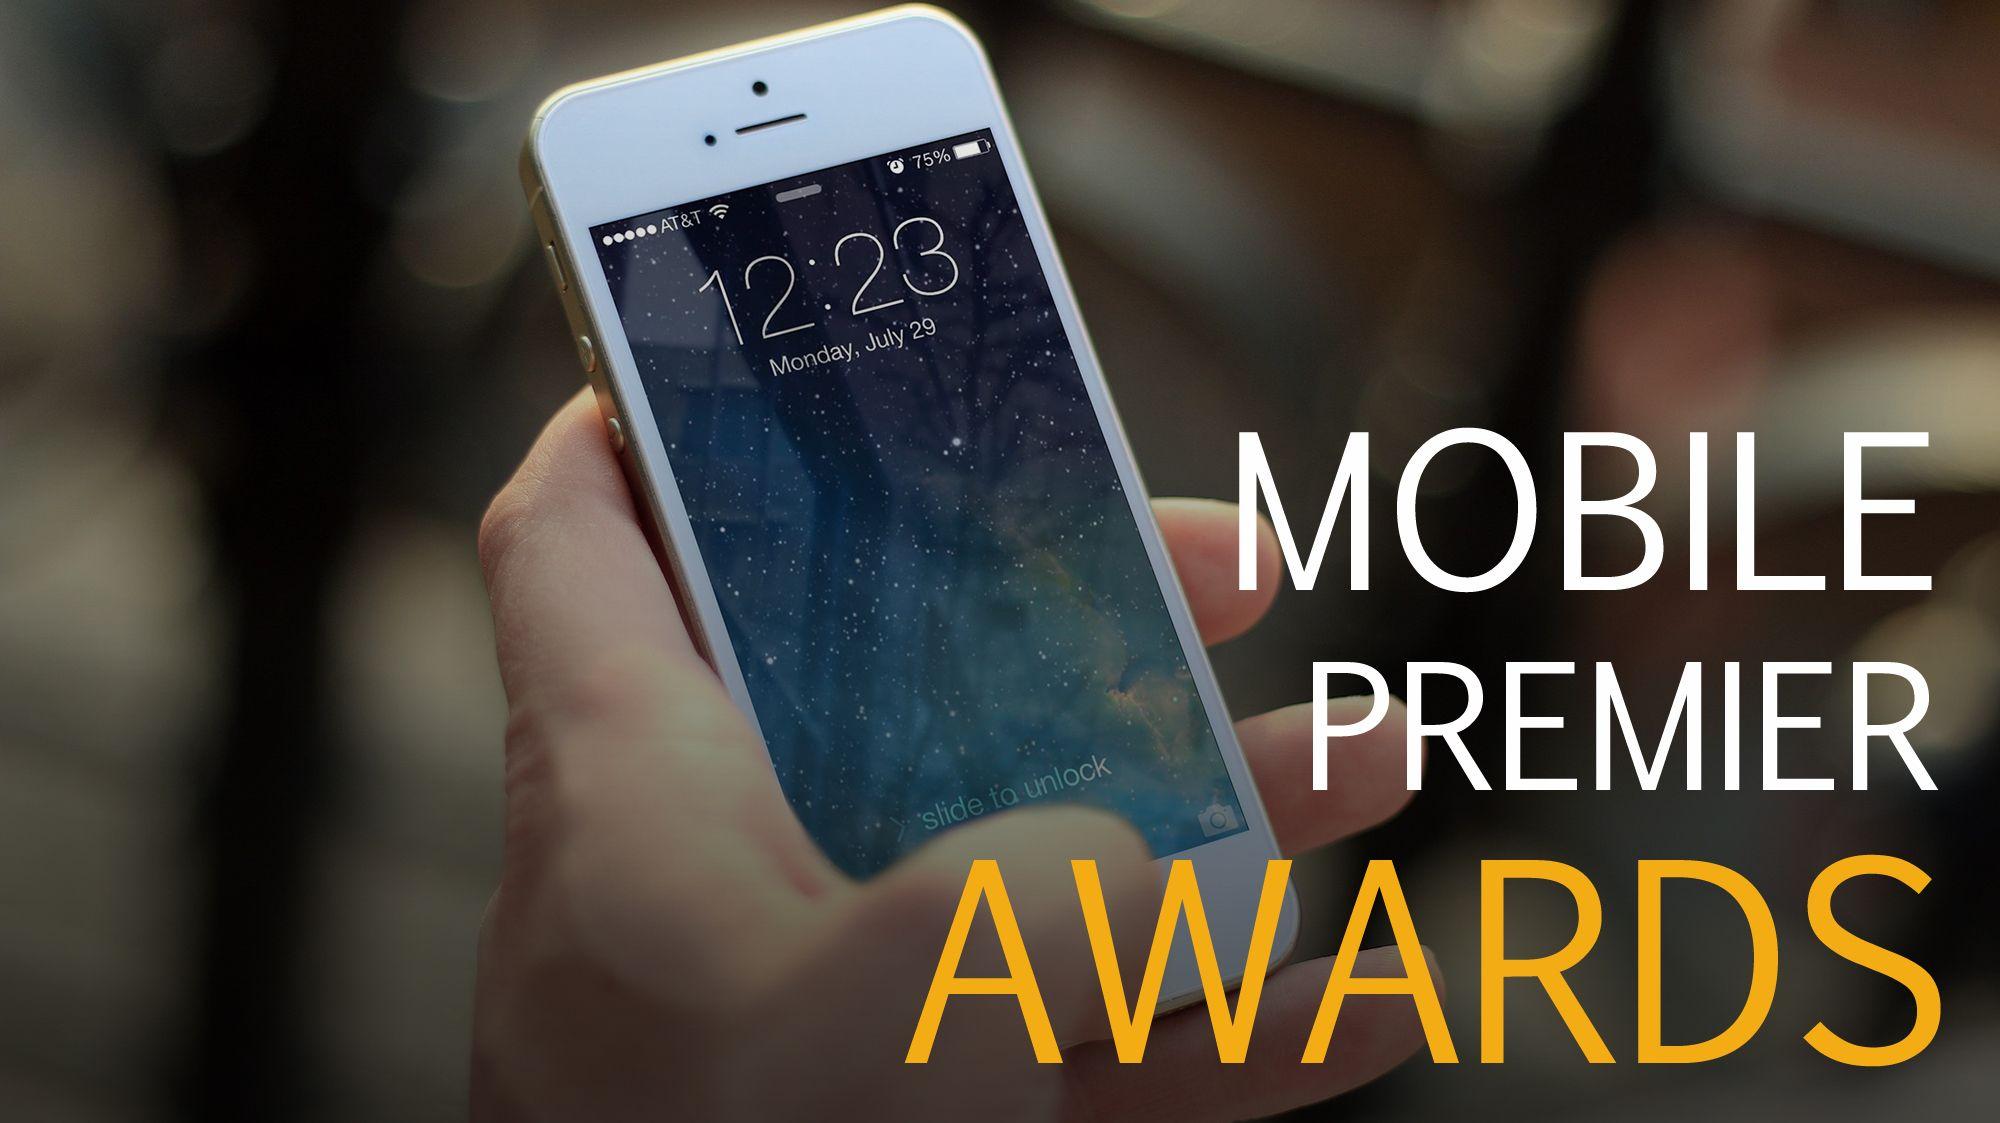 Mobile Premier Awards 2016